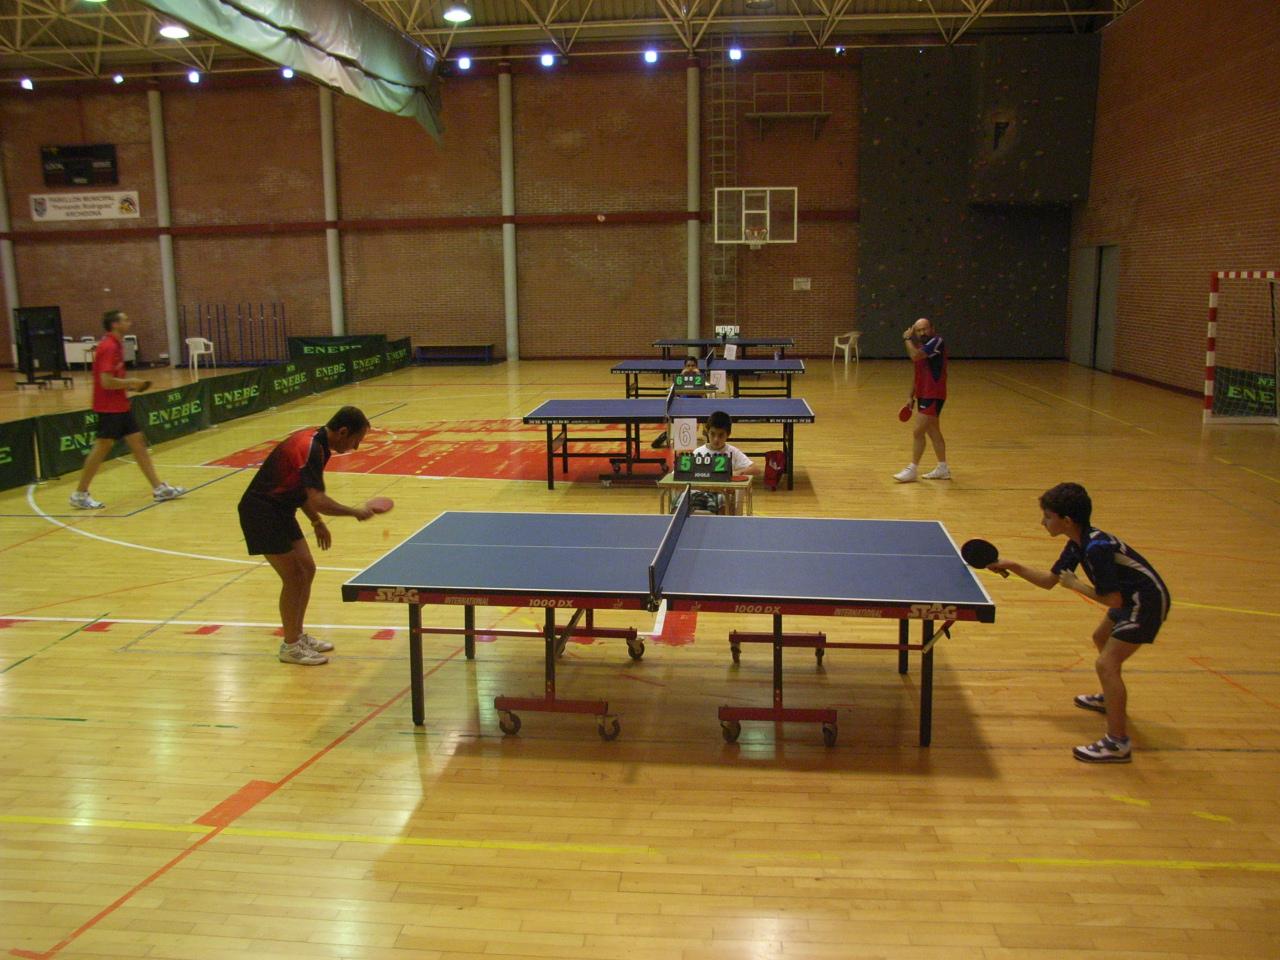 Rea de deportes del ayuntamiento de archidona torneo tenis de mesa - Torneo tenis de mesa ...